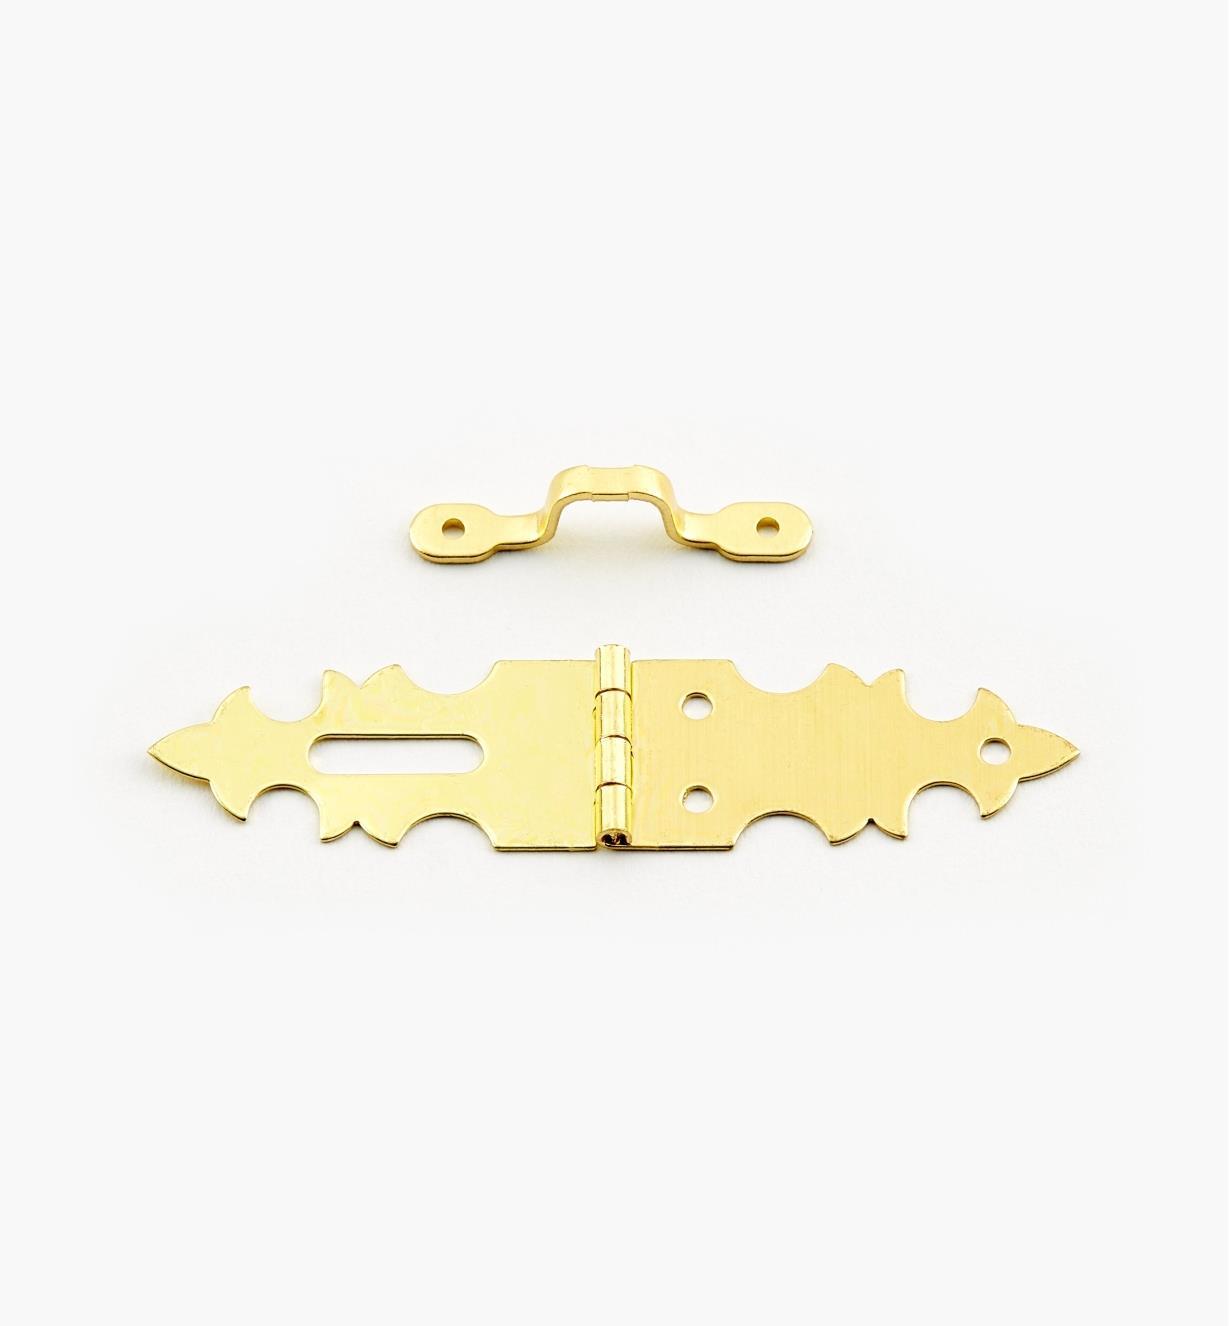 00D8056 - Moraillon symétrique en laiton, l'unité